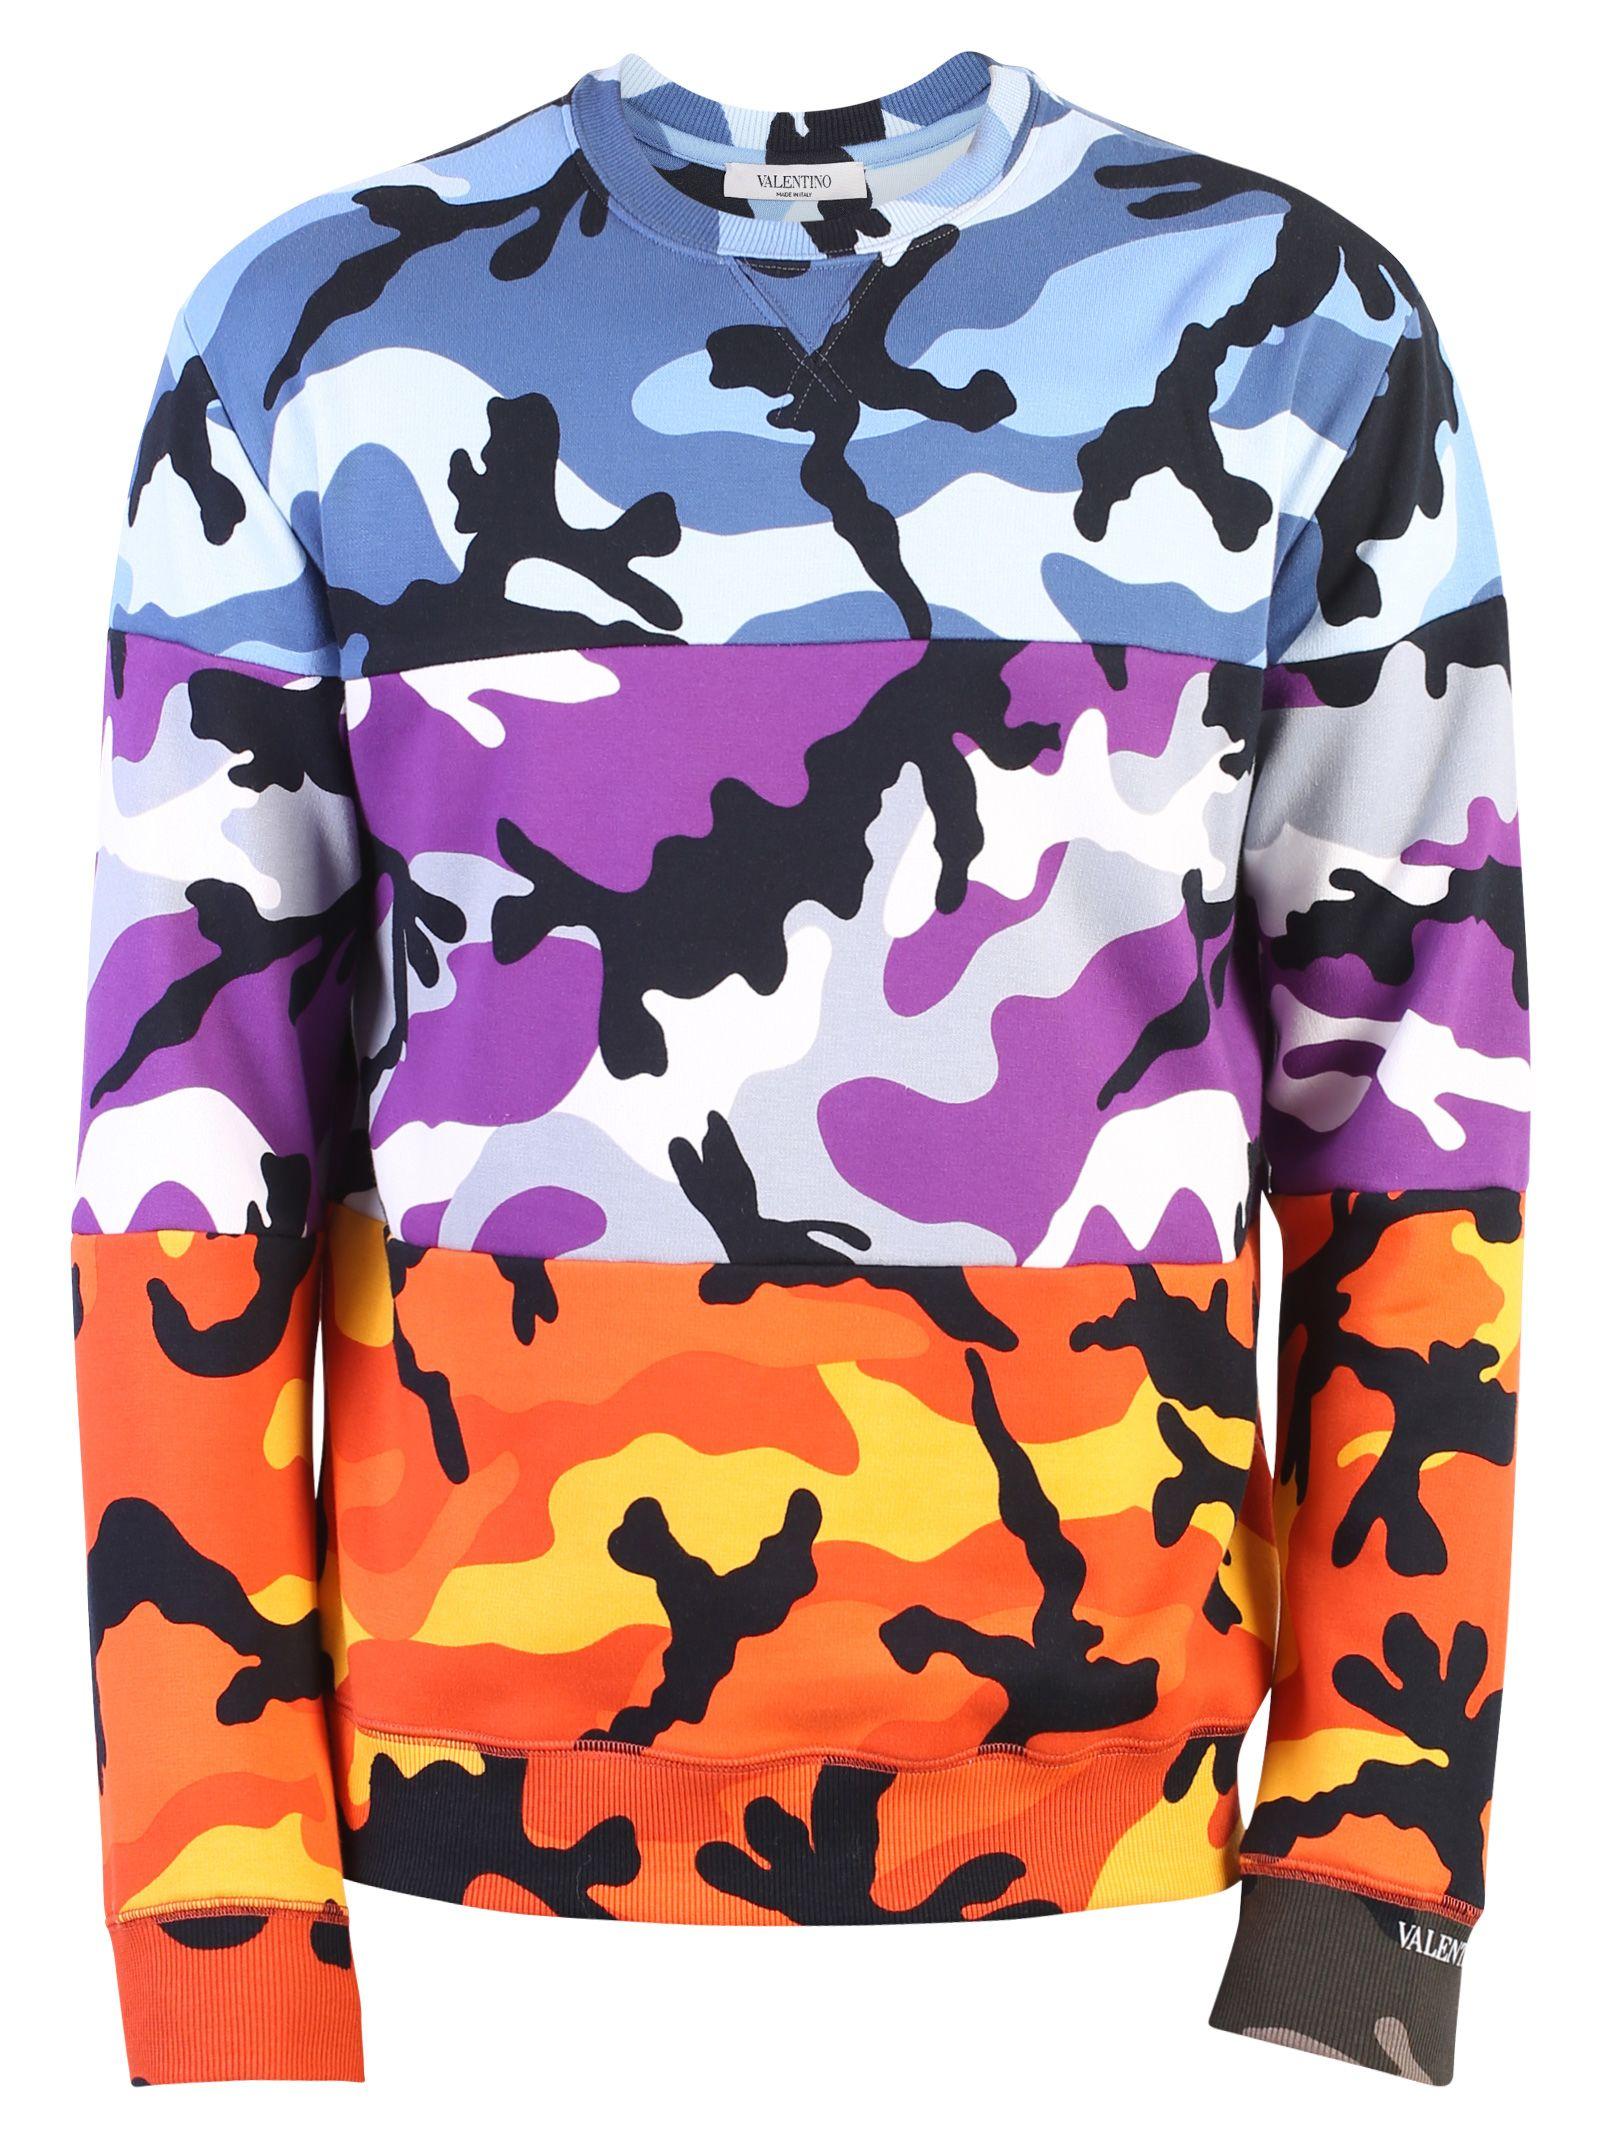 Valentino Cotton Blend Camouflage Sweatshirt